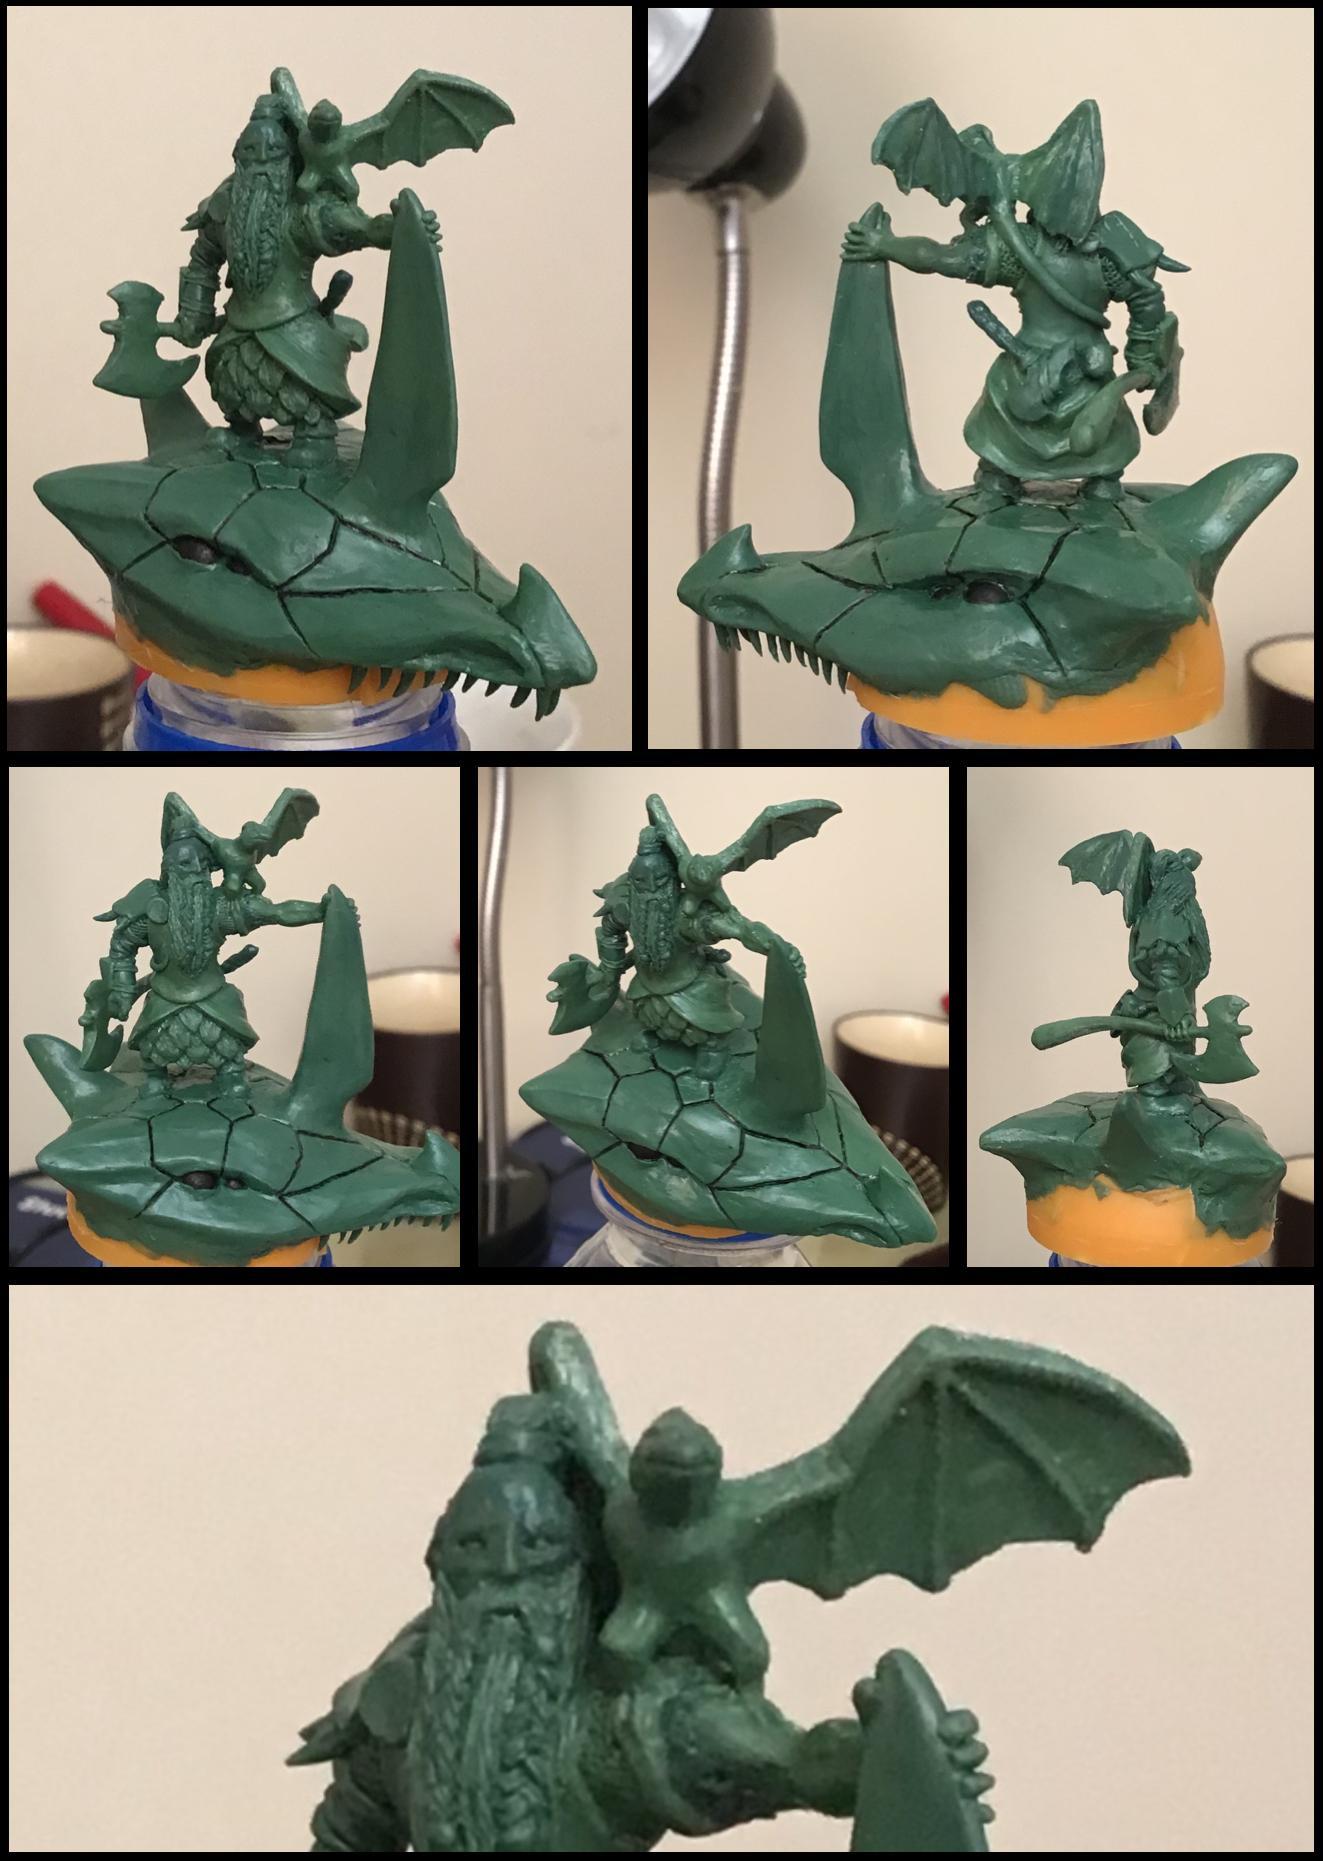 Dragon, Dwarves, Greenstuff, Sculpture, Warhammer Fantasy